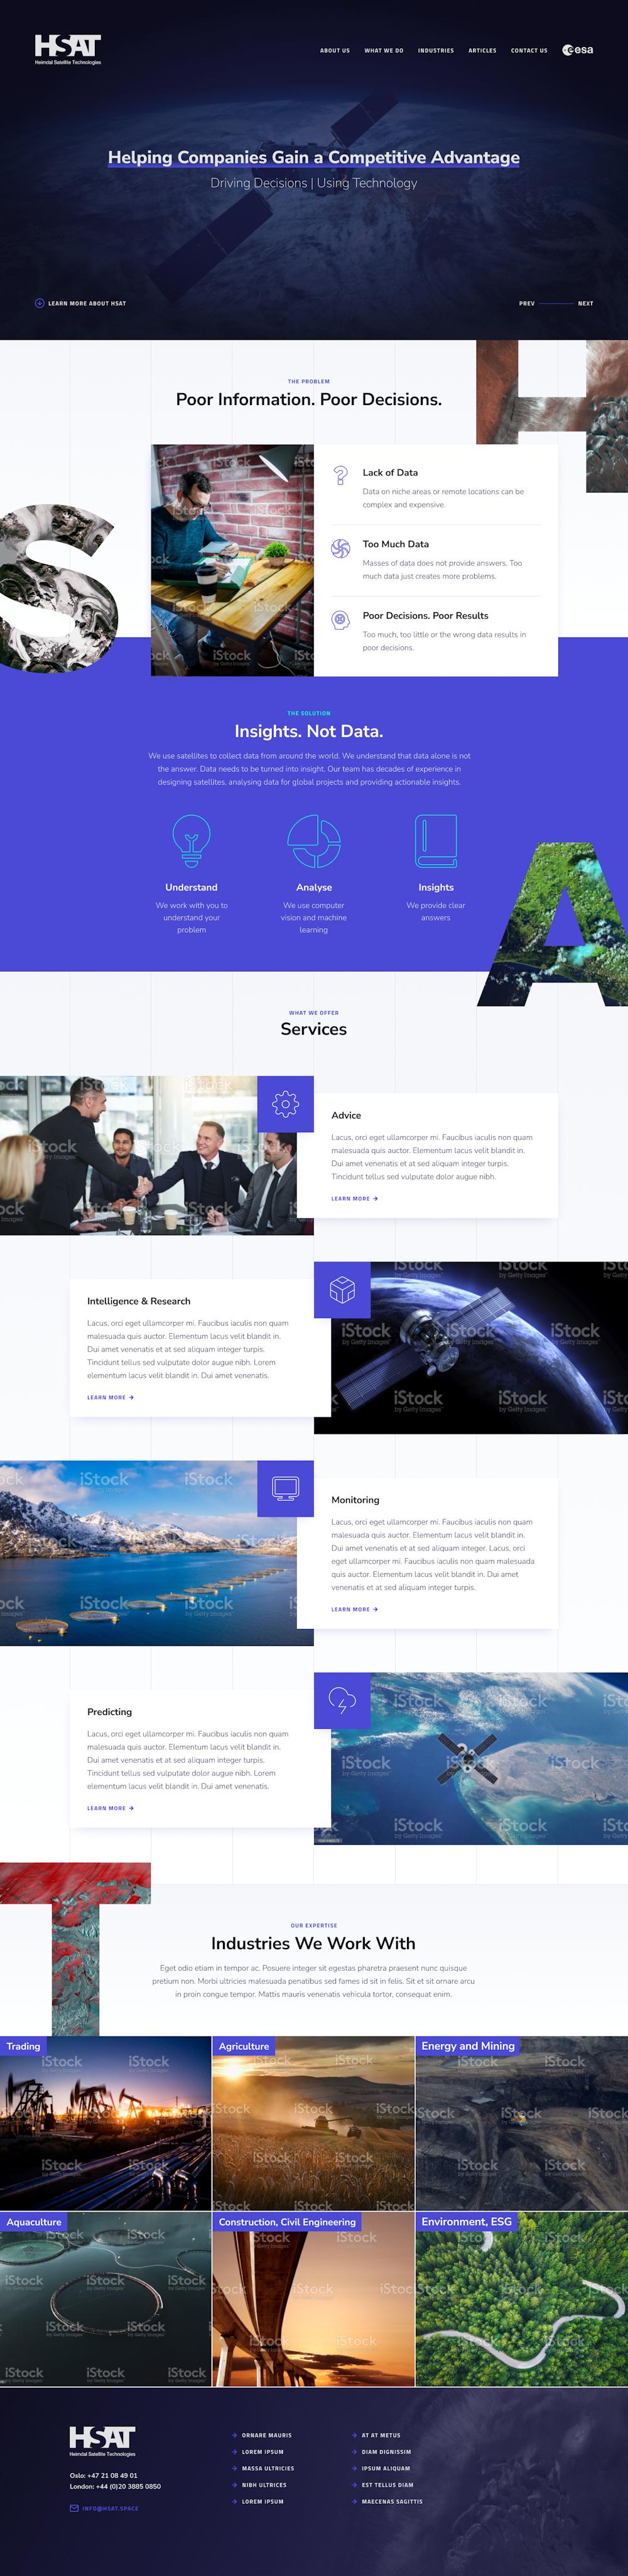 HSAT - Website Design by Cude Design